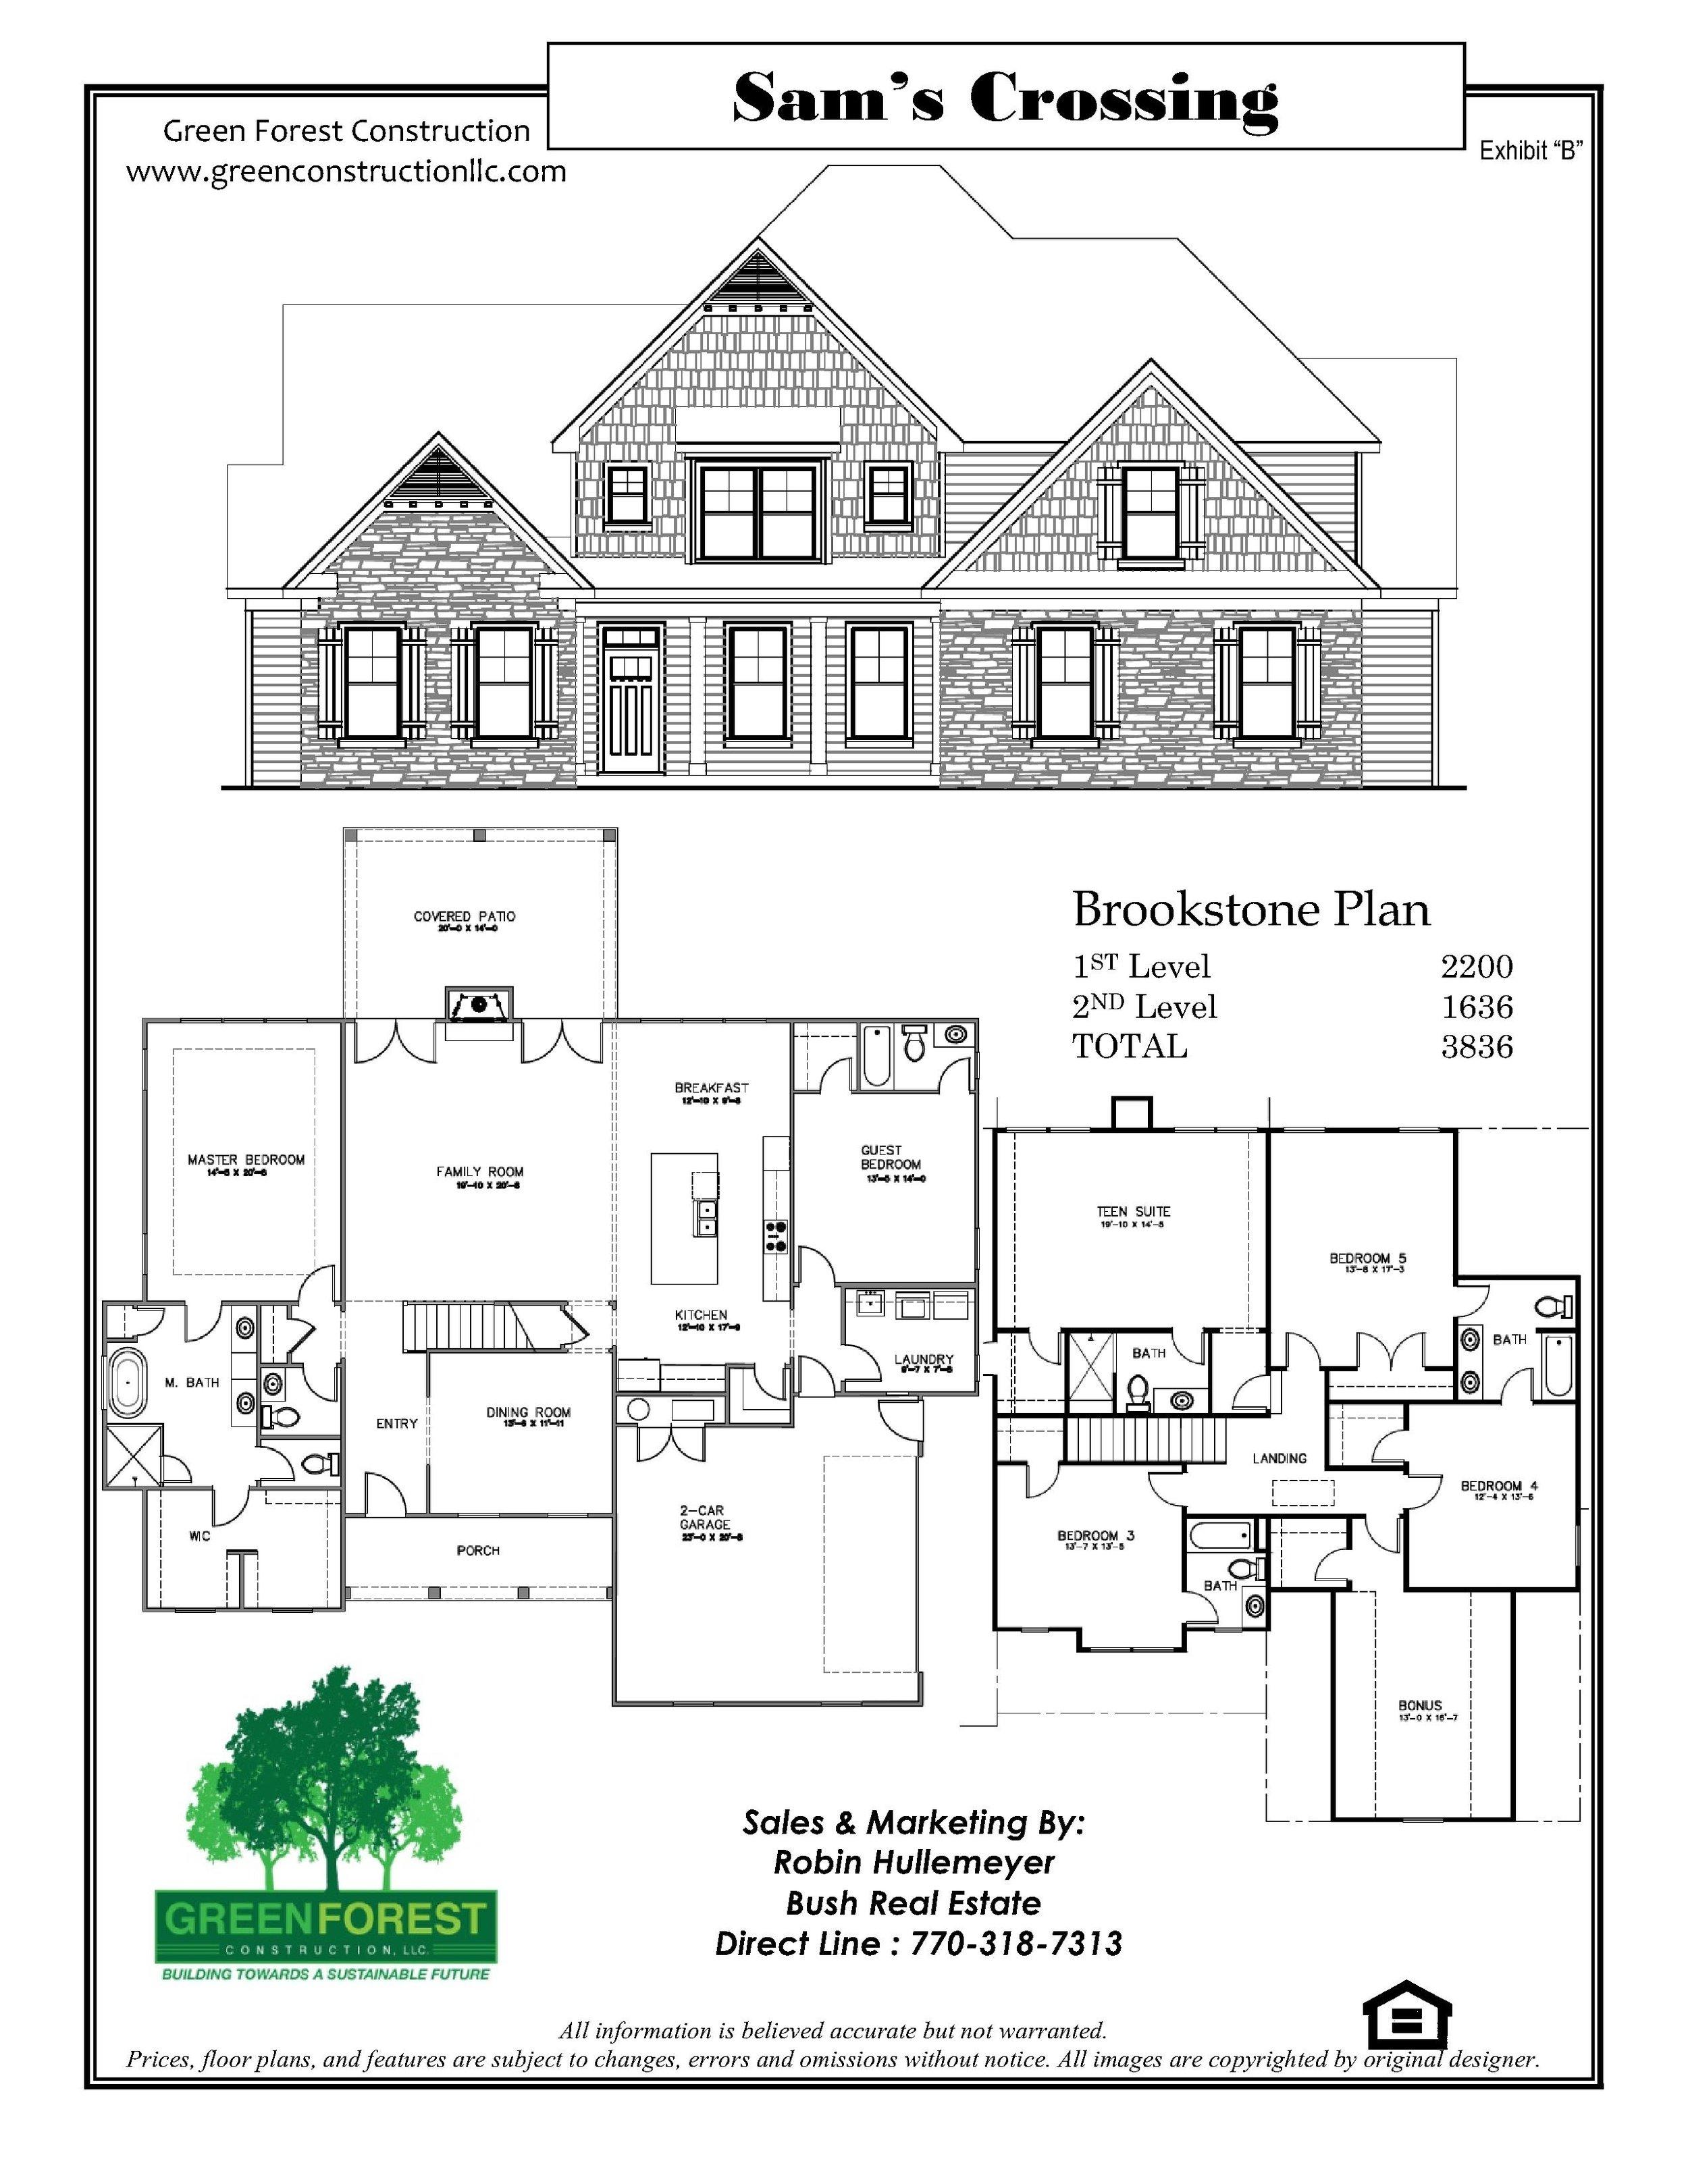 09.11.17 - Sams Brookstone Plan.jpg